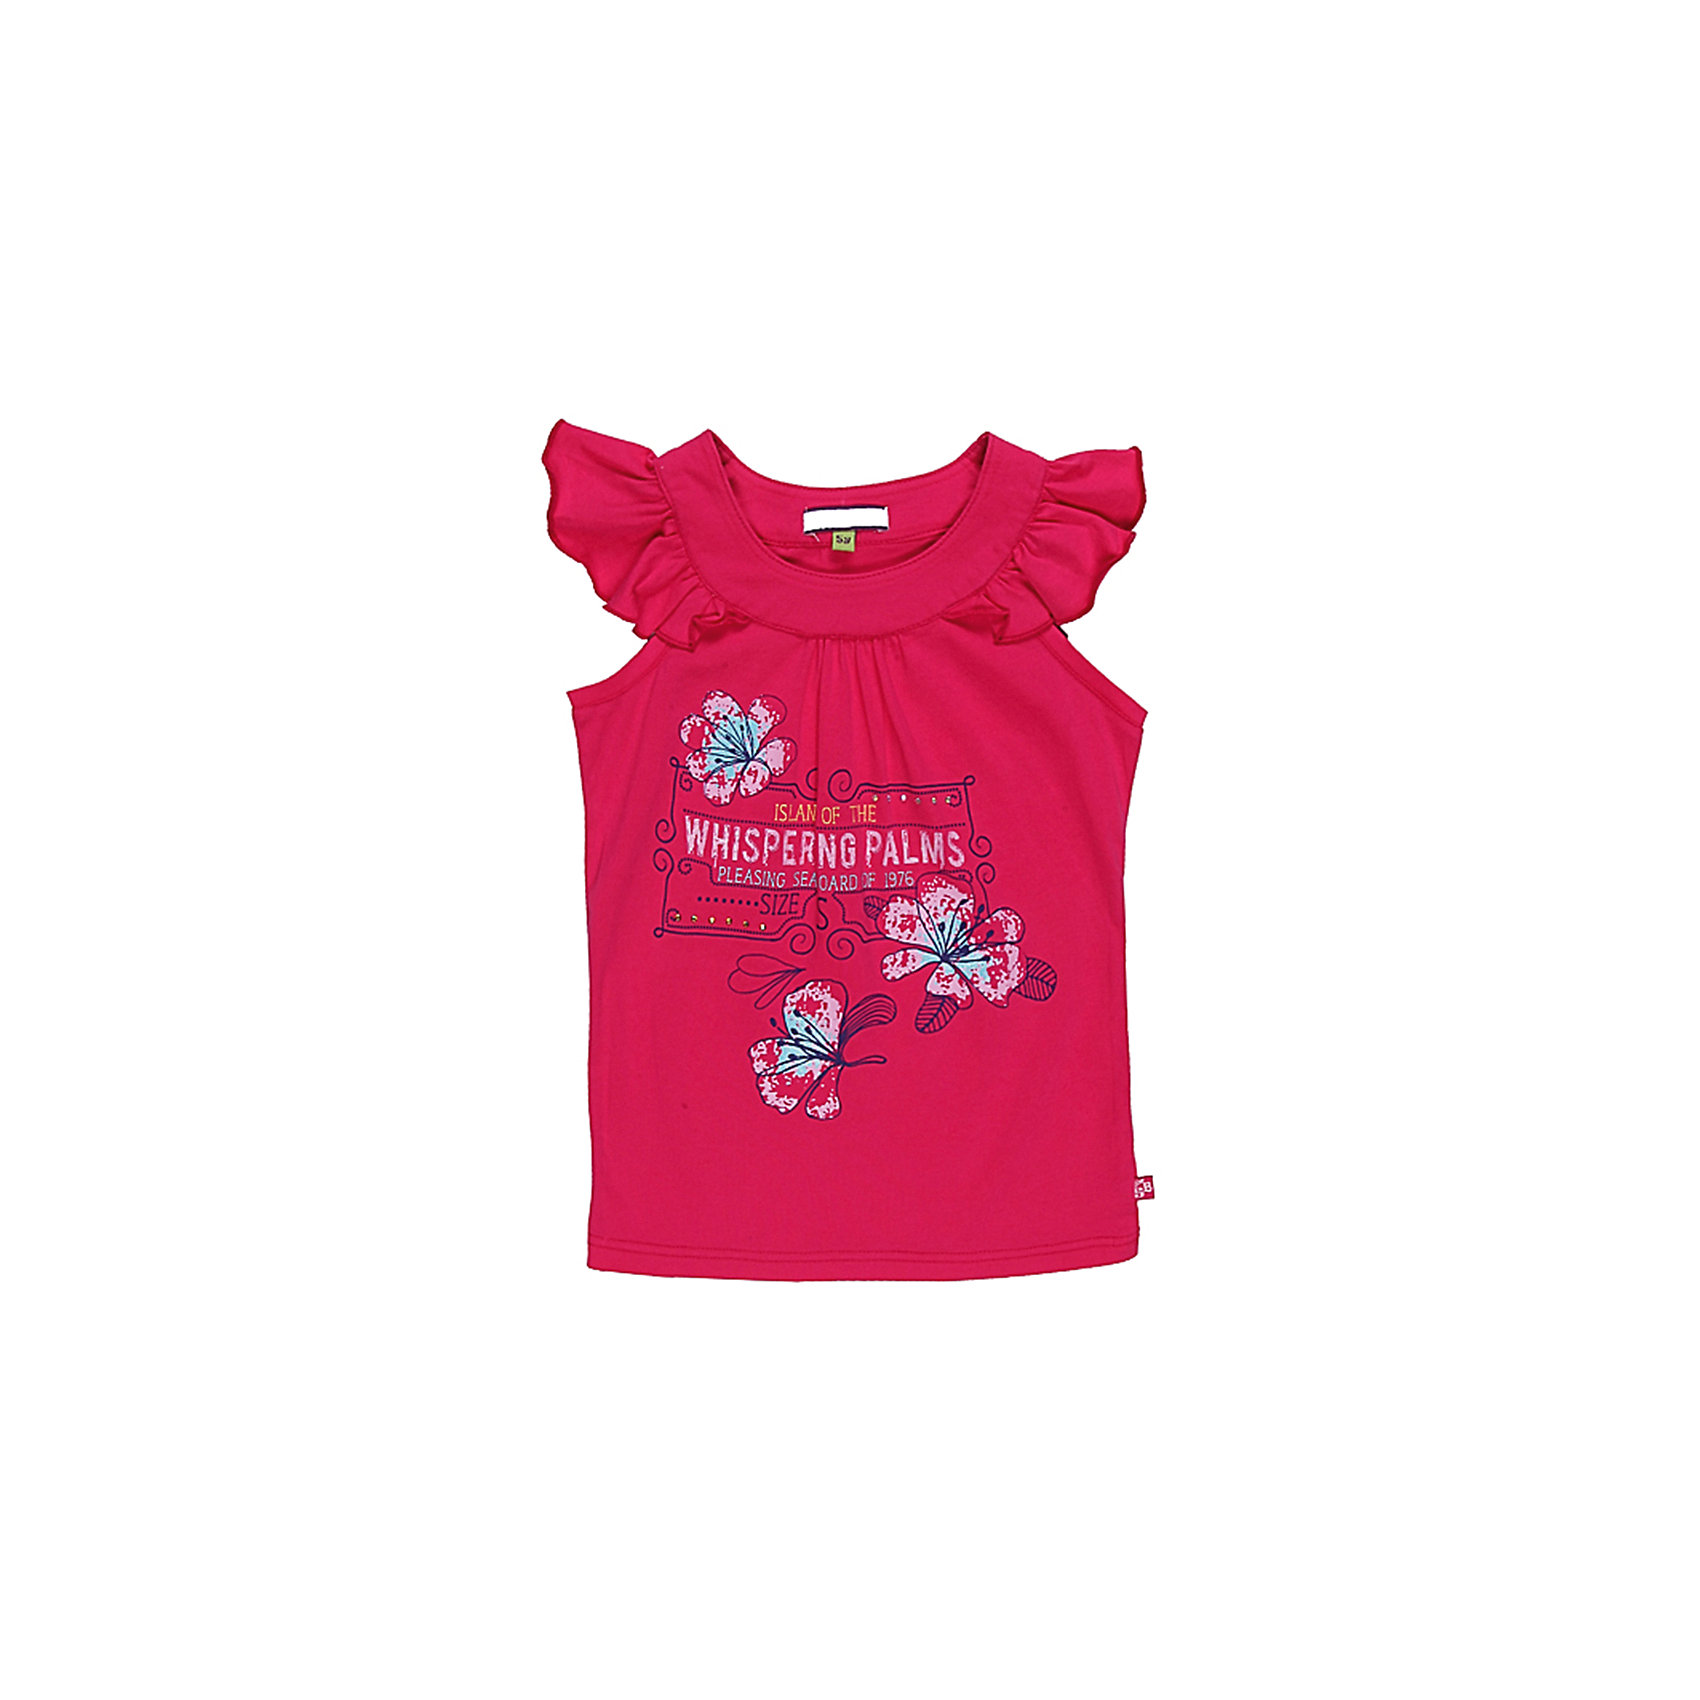 Футболка для девочки Sweet BerryФутболки, поло и топы<br>Яркая футболка из трикотажа.Приталенный силуэт. Принт со стразами и глитером.<br>Состав:<br>95% хлопок, 5% эластан<br><br>Ширина мм: 199<br>Глубина мм: 10<br>Высота мм: 161<br>Вес г: 151<br>Цвет: розовый<br>Возраст от месяцев: 48<br>Возраст до месяцев: 60<br>Пол: Женский<br>Возраст: Детский<br>Размер: 128,122,116,110,104,98<br>SKU: 4521243